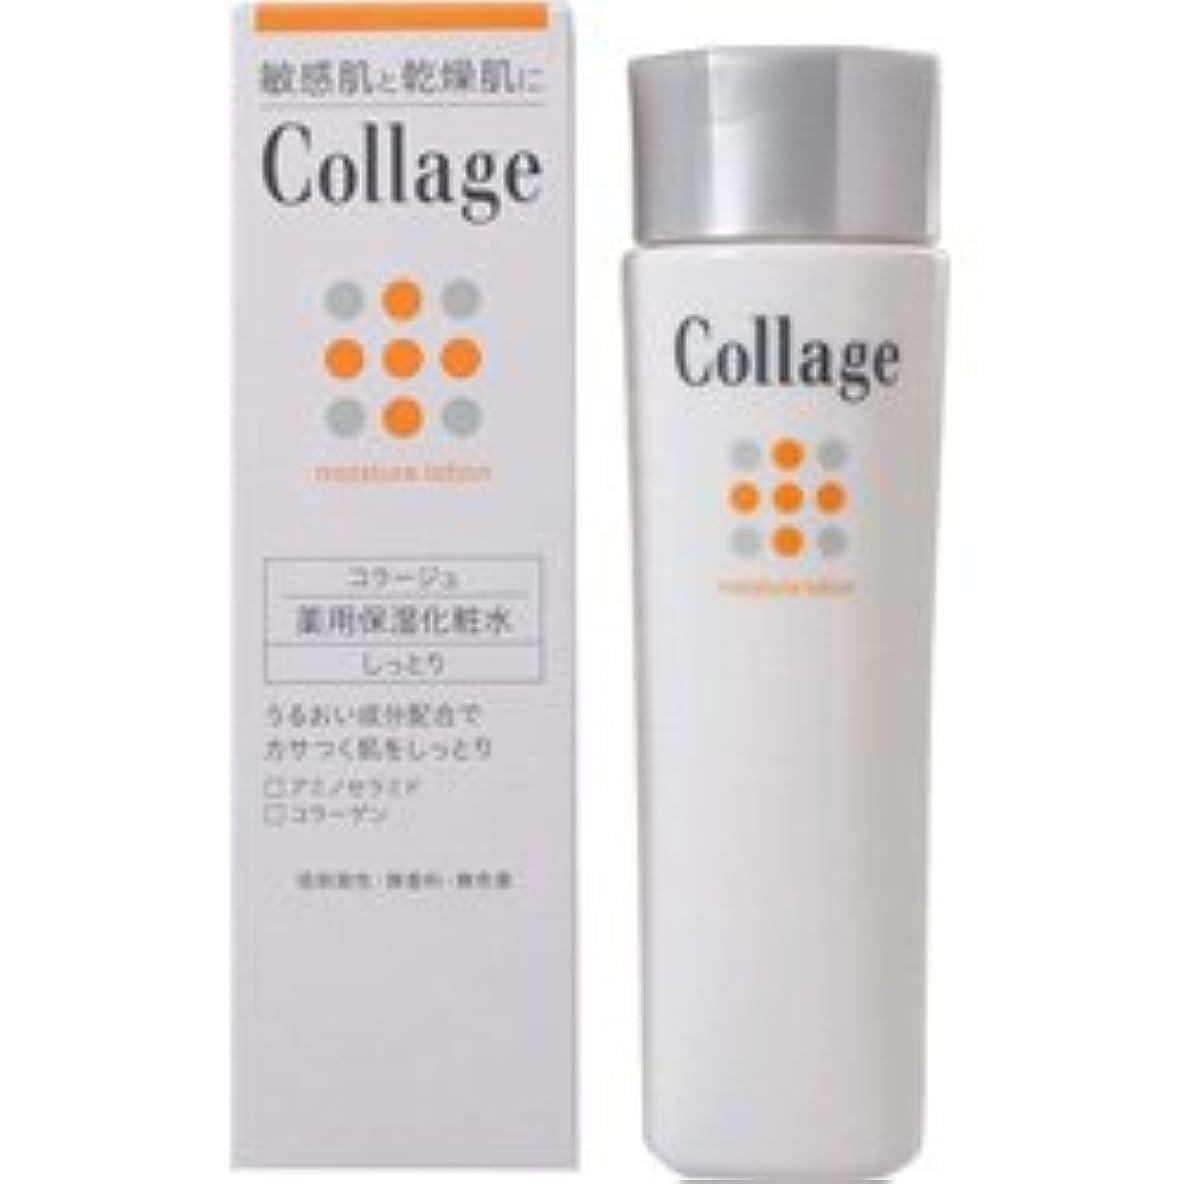 り少なくともクローン【持田ヘルスケア】 コラージュ薬用保湿化粧水 しっとり 120ml (医薬部外品) ×3個セット